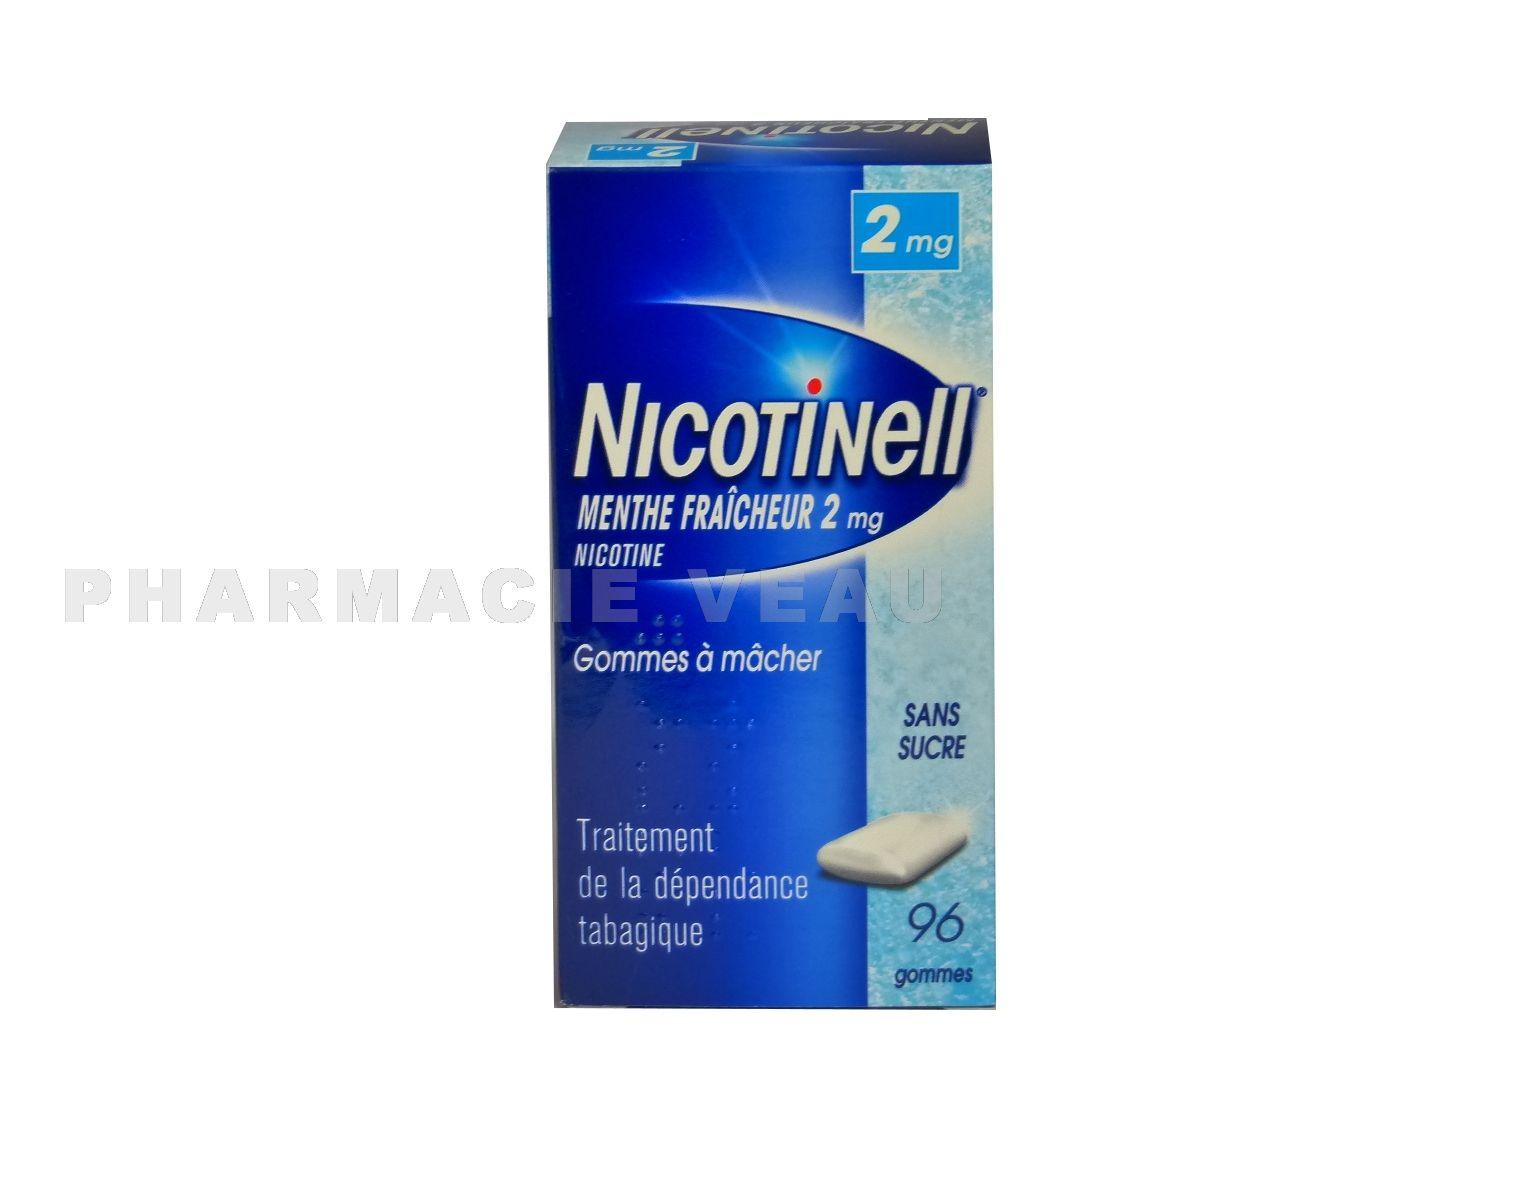 Site Commande Inderal Medicaments